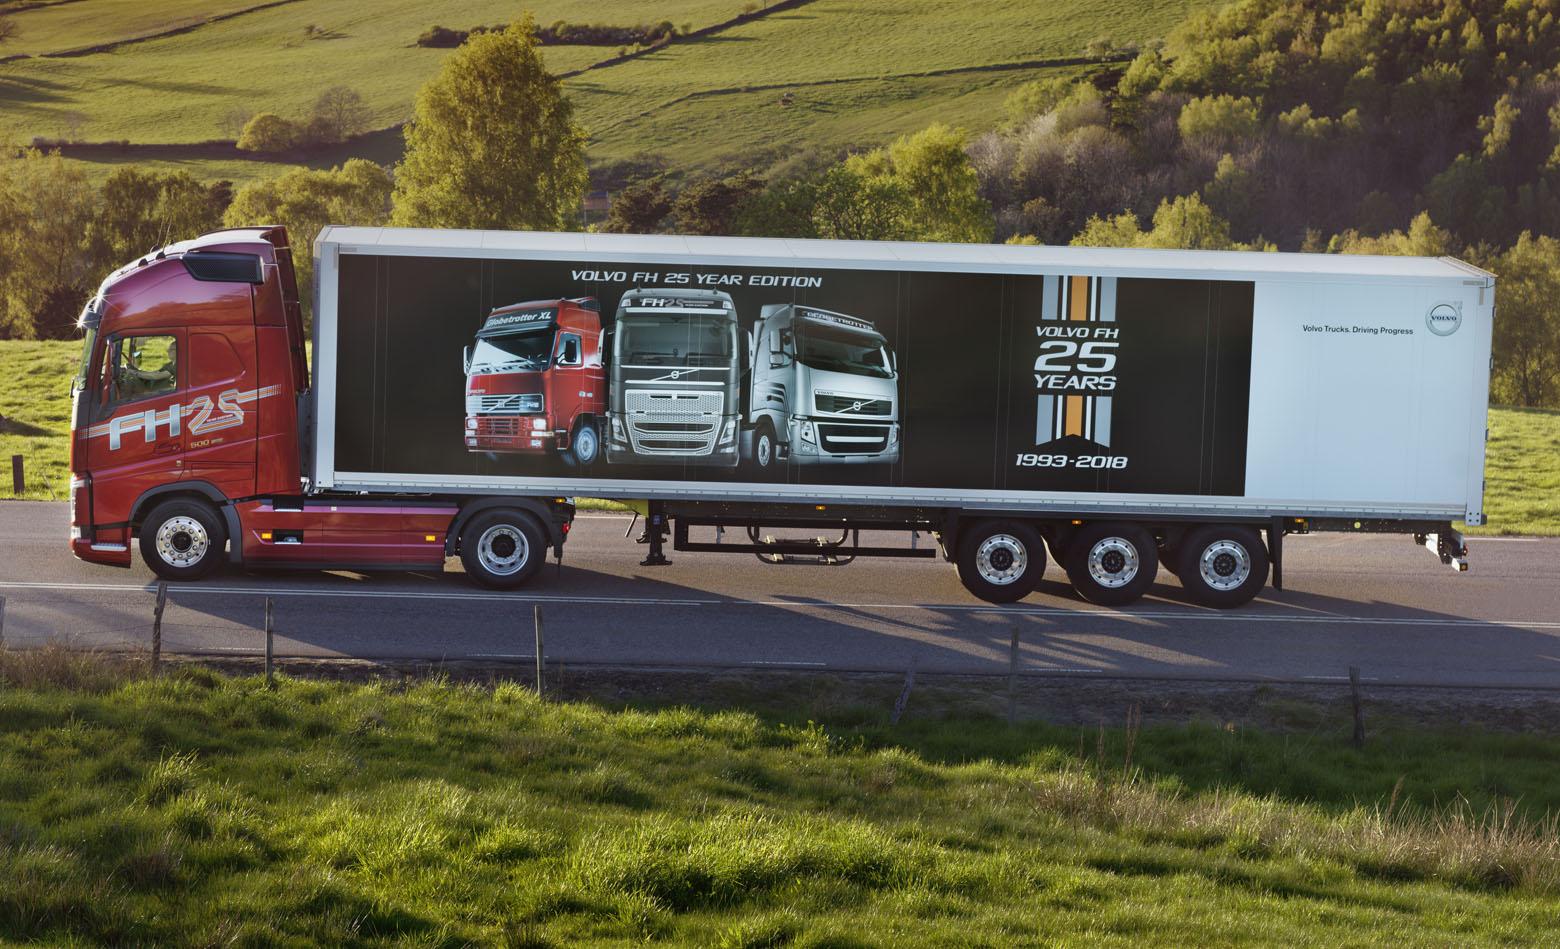 Milijunti Volvo FH